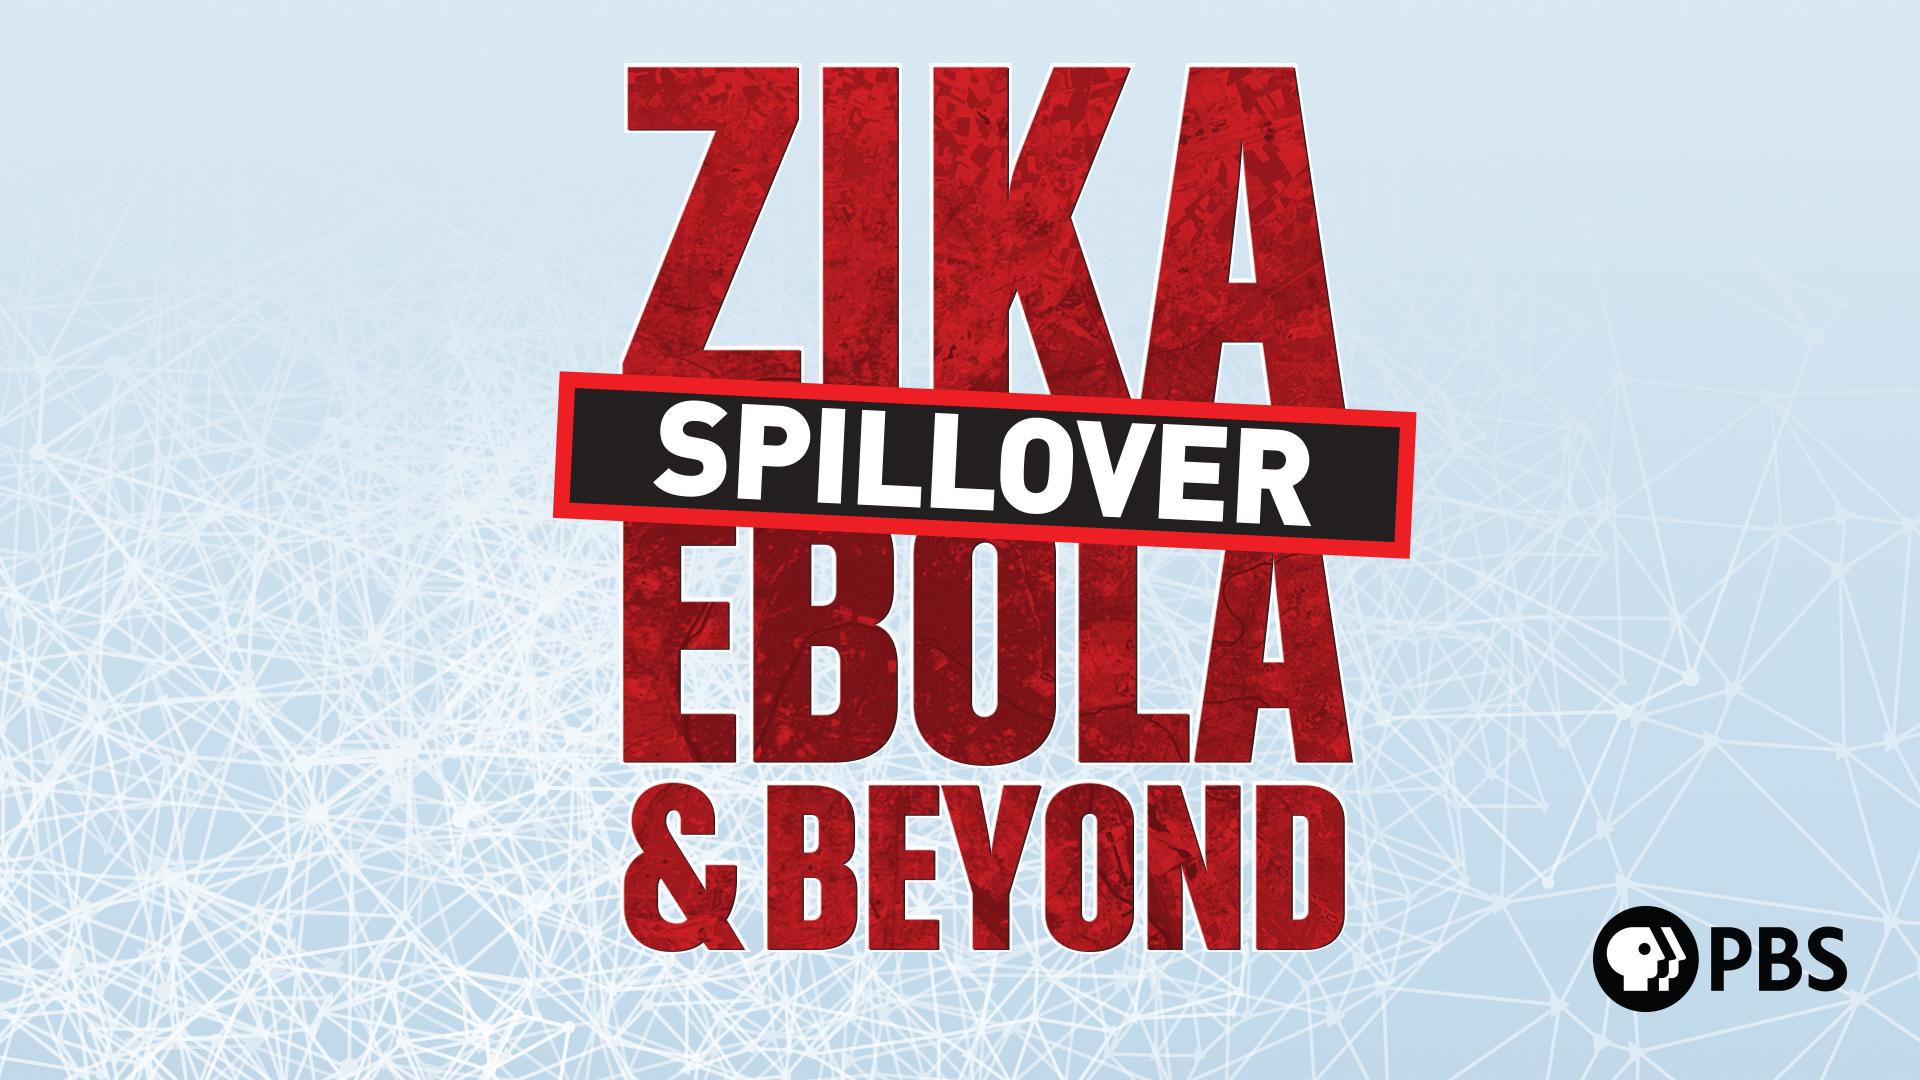 Spillover- Zika, Ebola & Beyond: Season 1